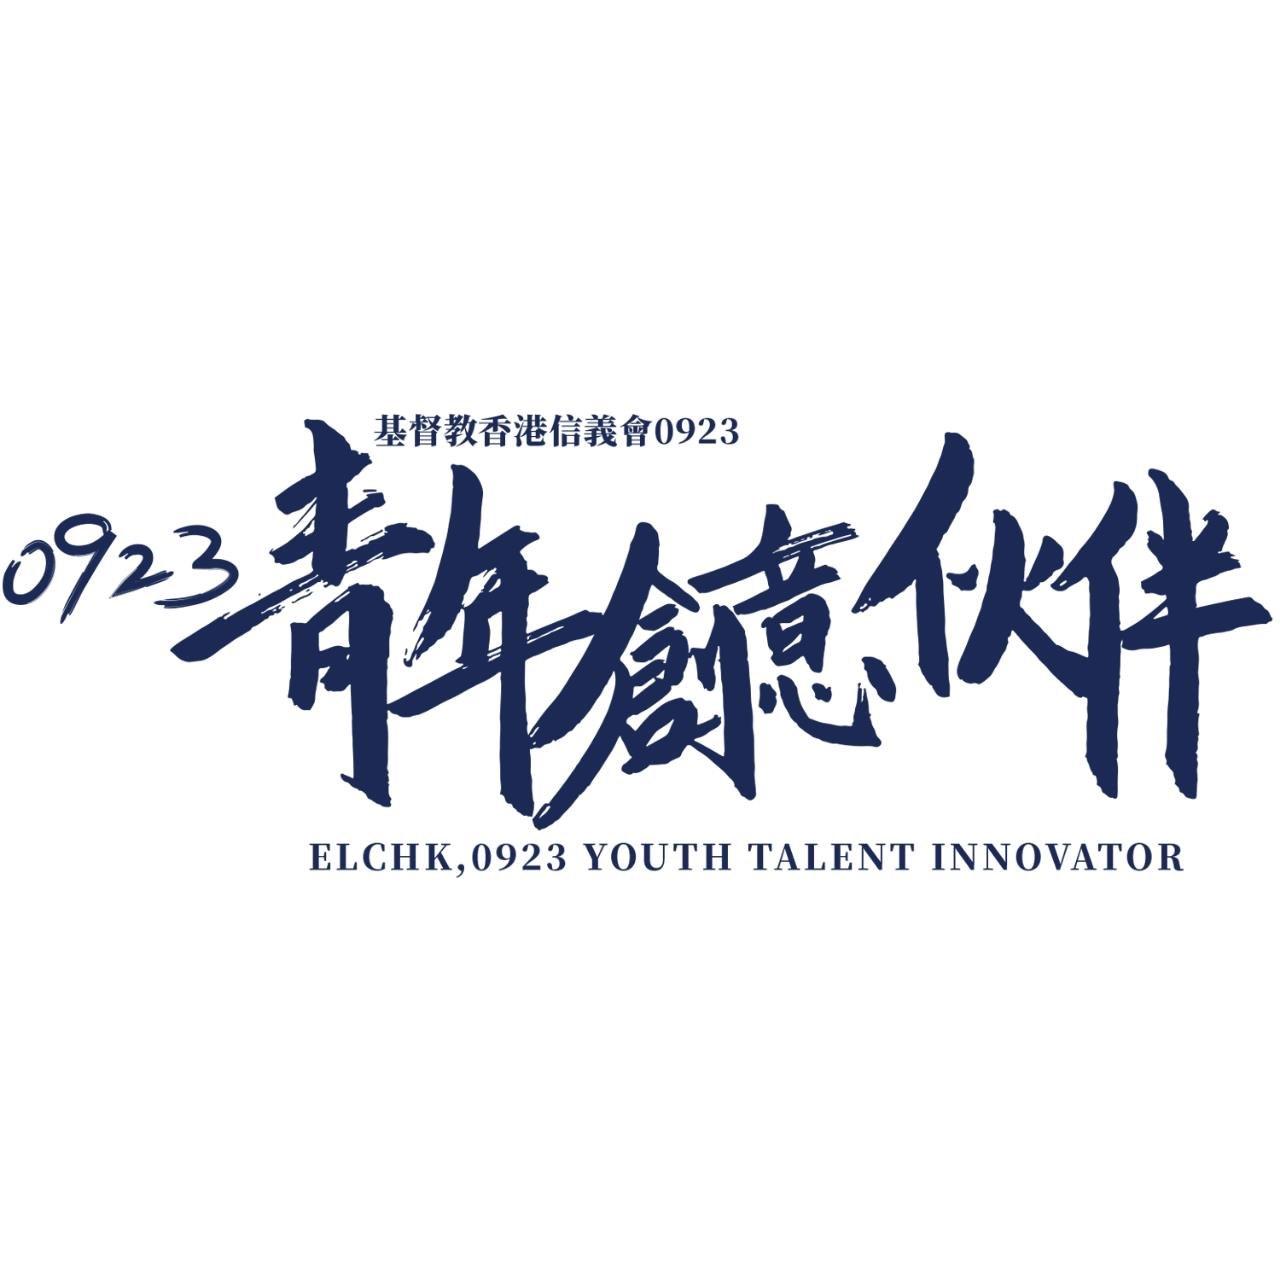 基督教香港信義會0923 ELCHK,0923 YOUTH TALENT INNOVATOR  Text,Font,Calligraphy,Logo,Graphics